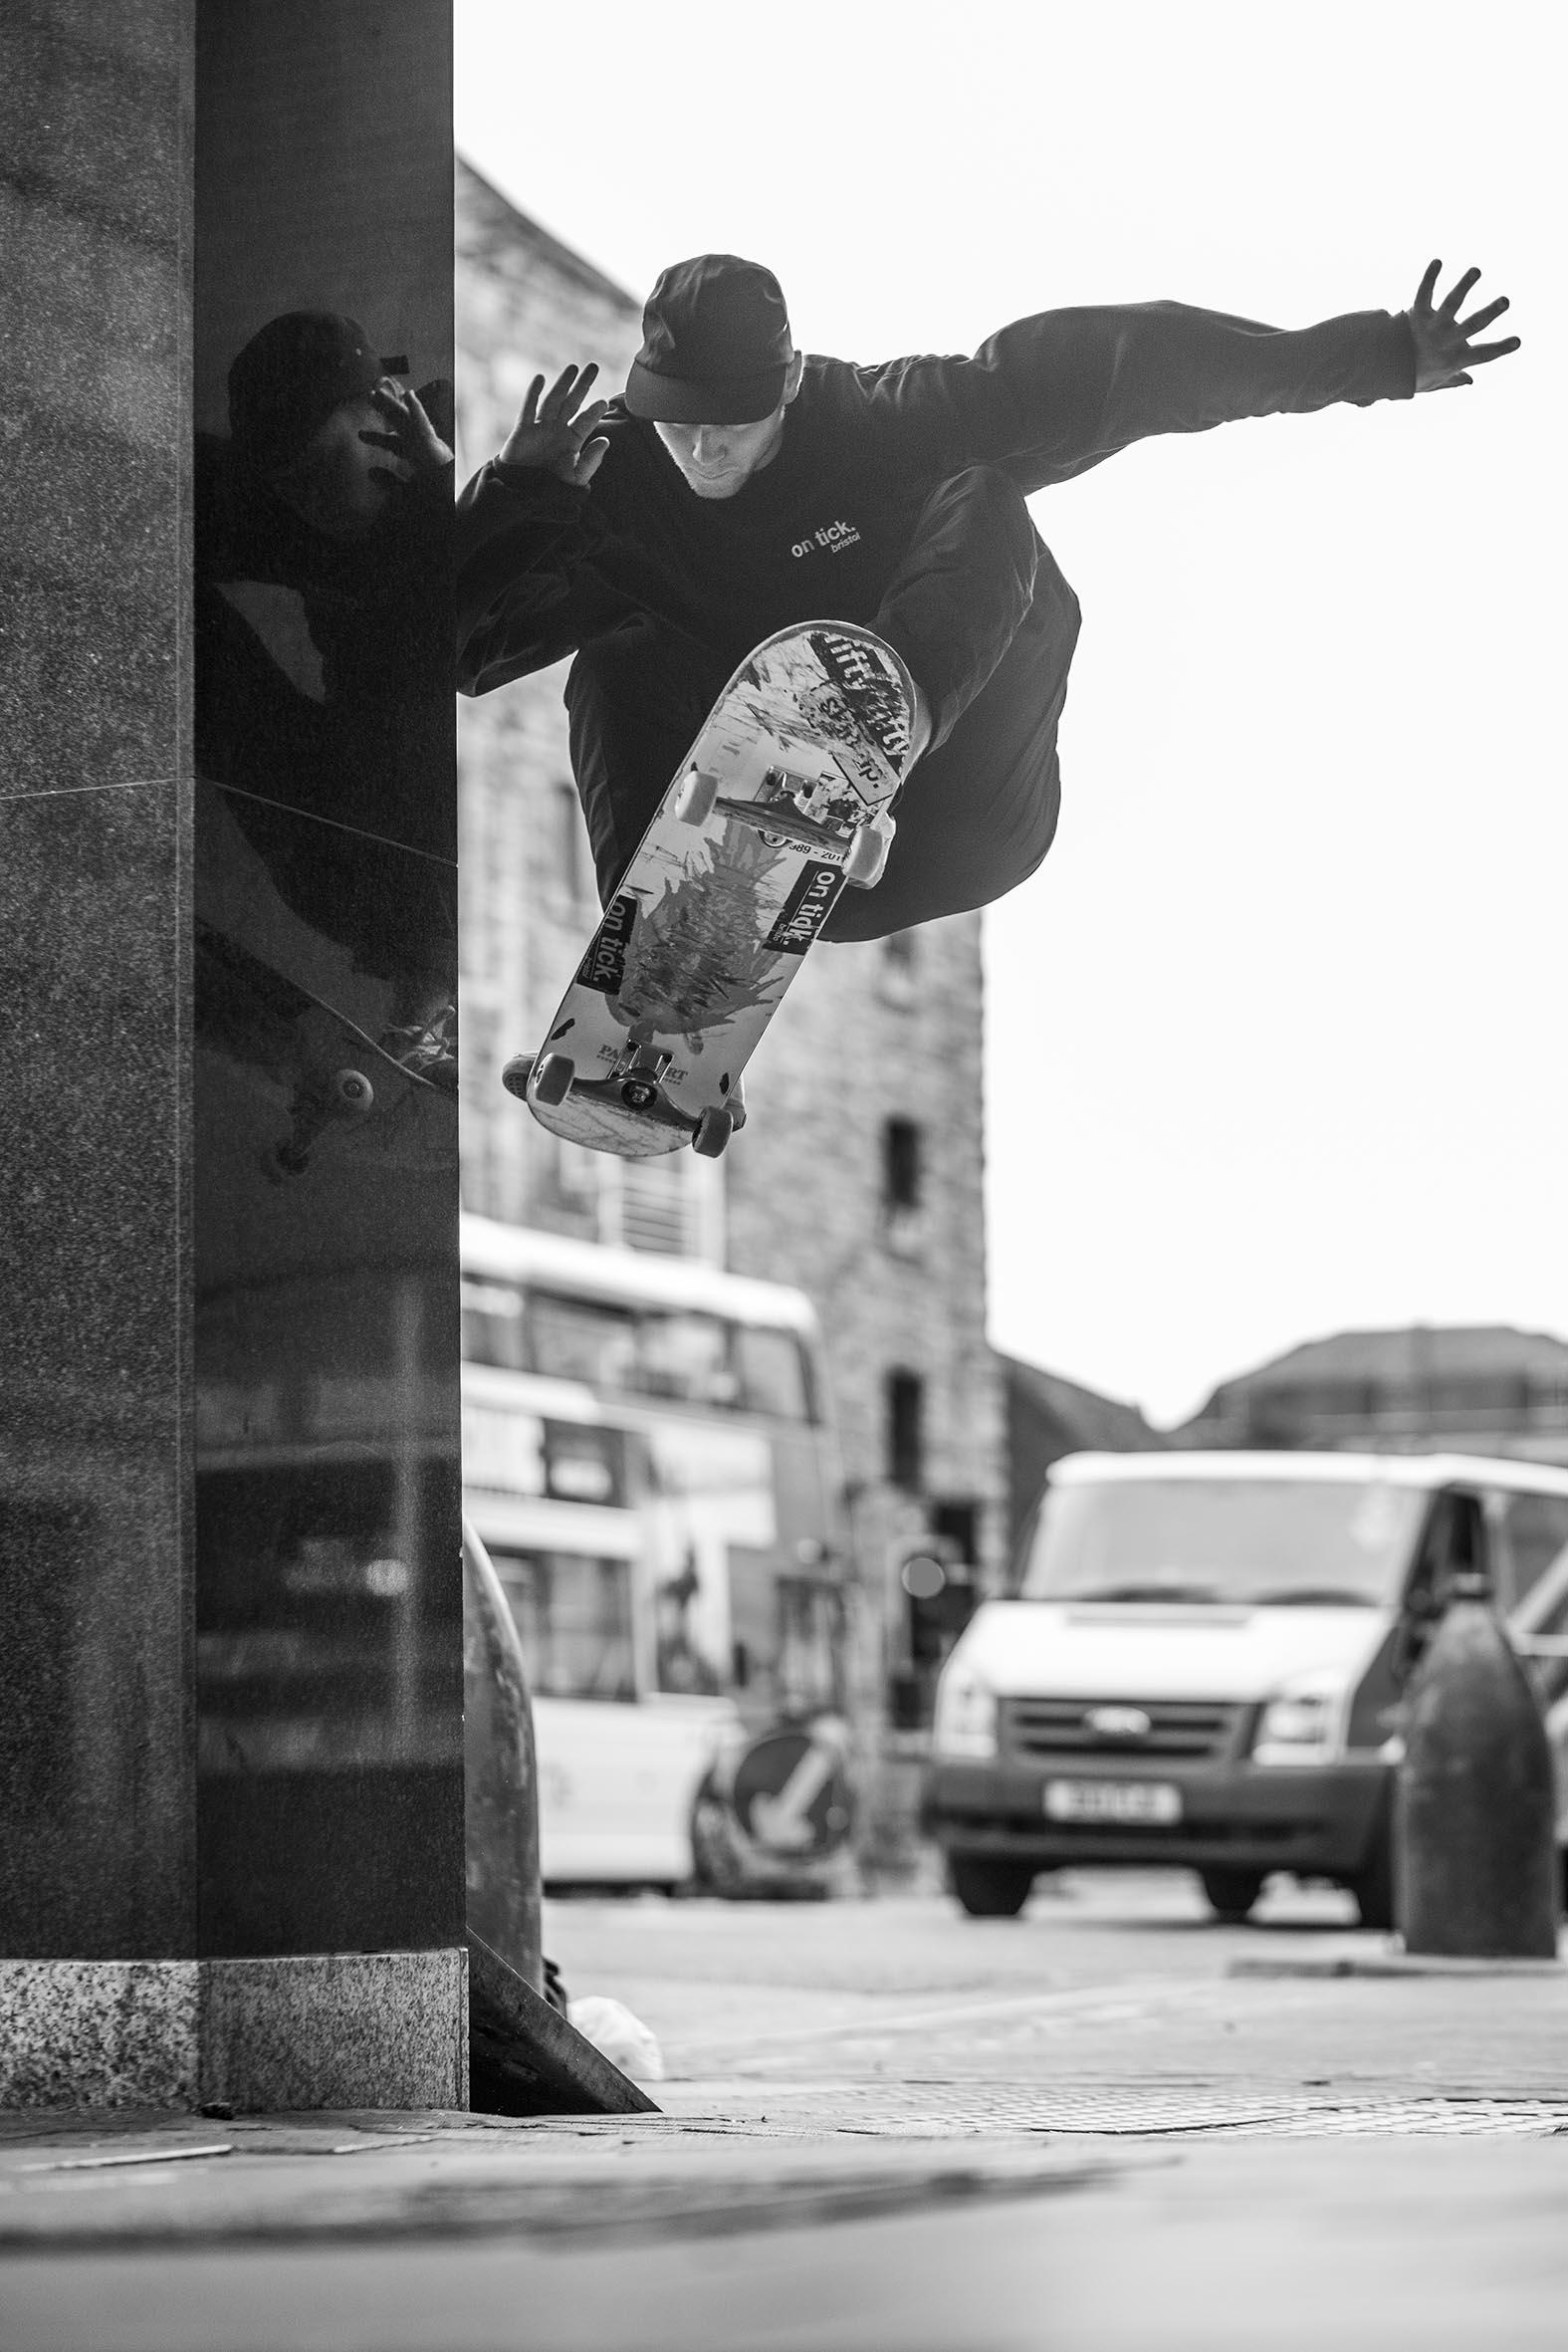 Phil Parker - frontside wallie